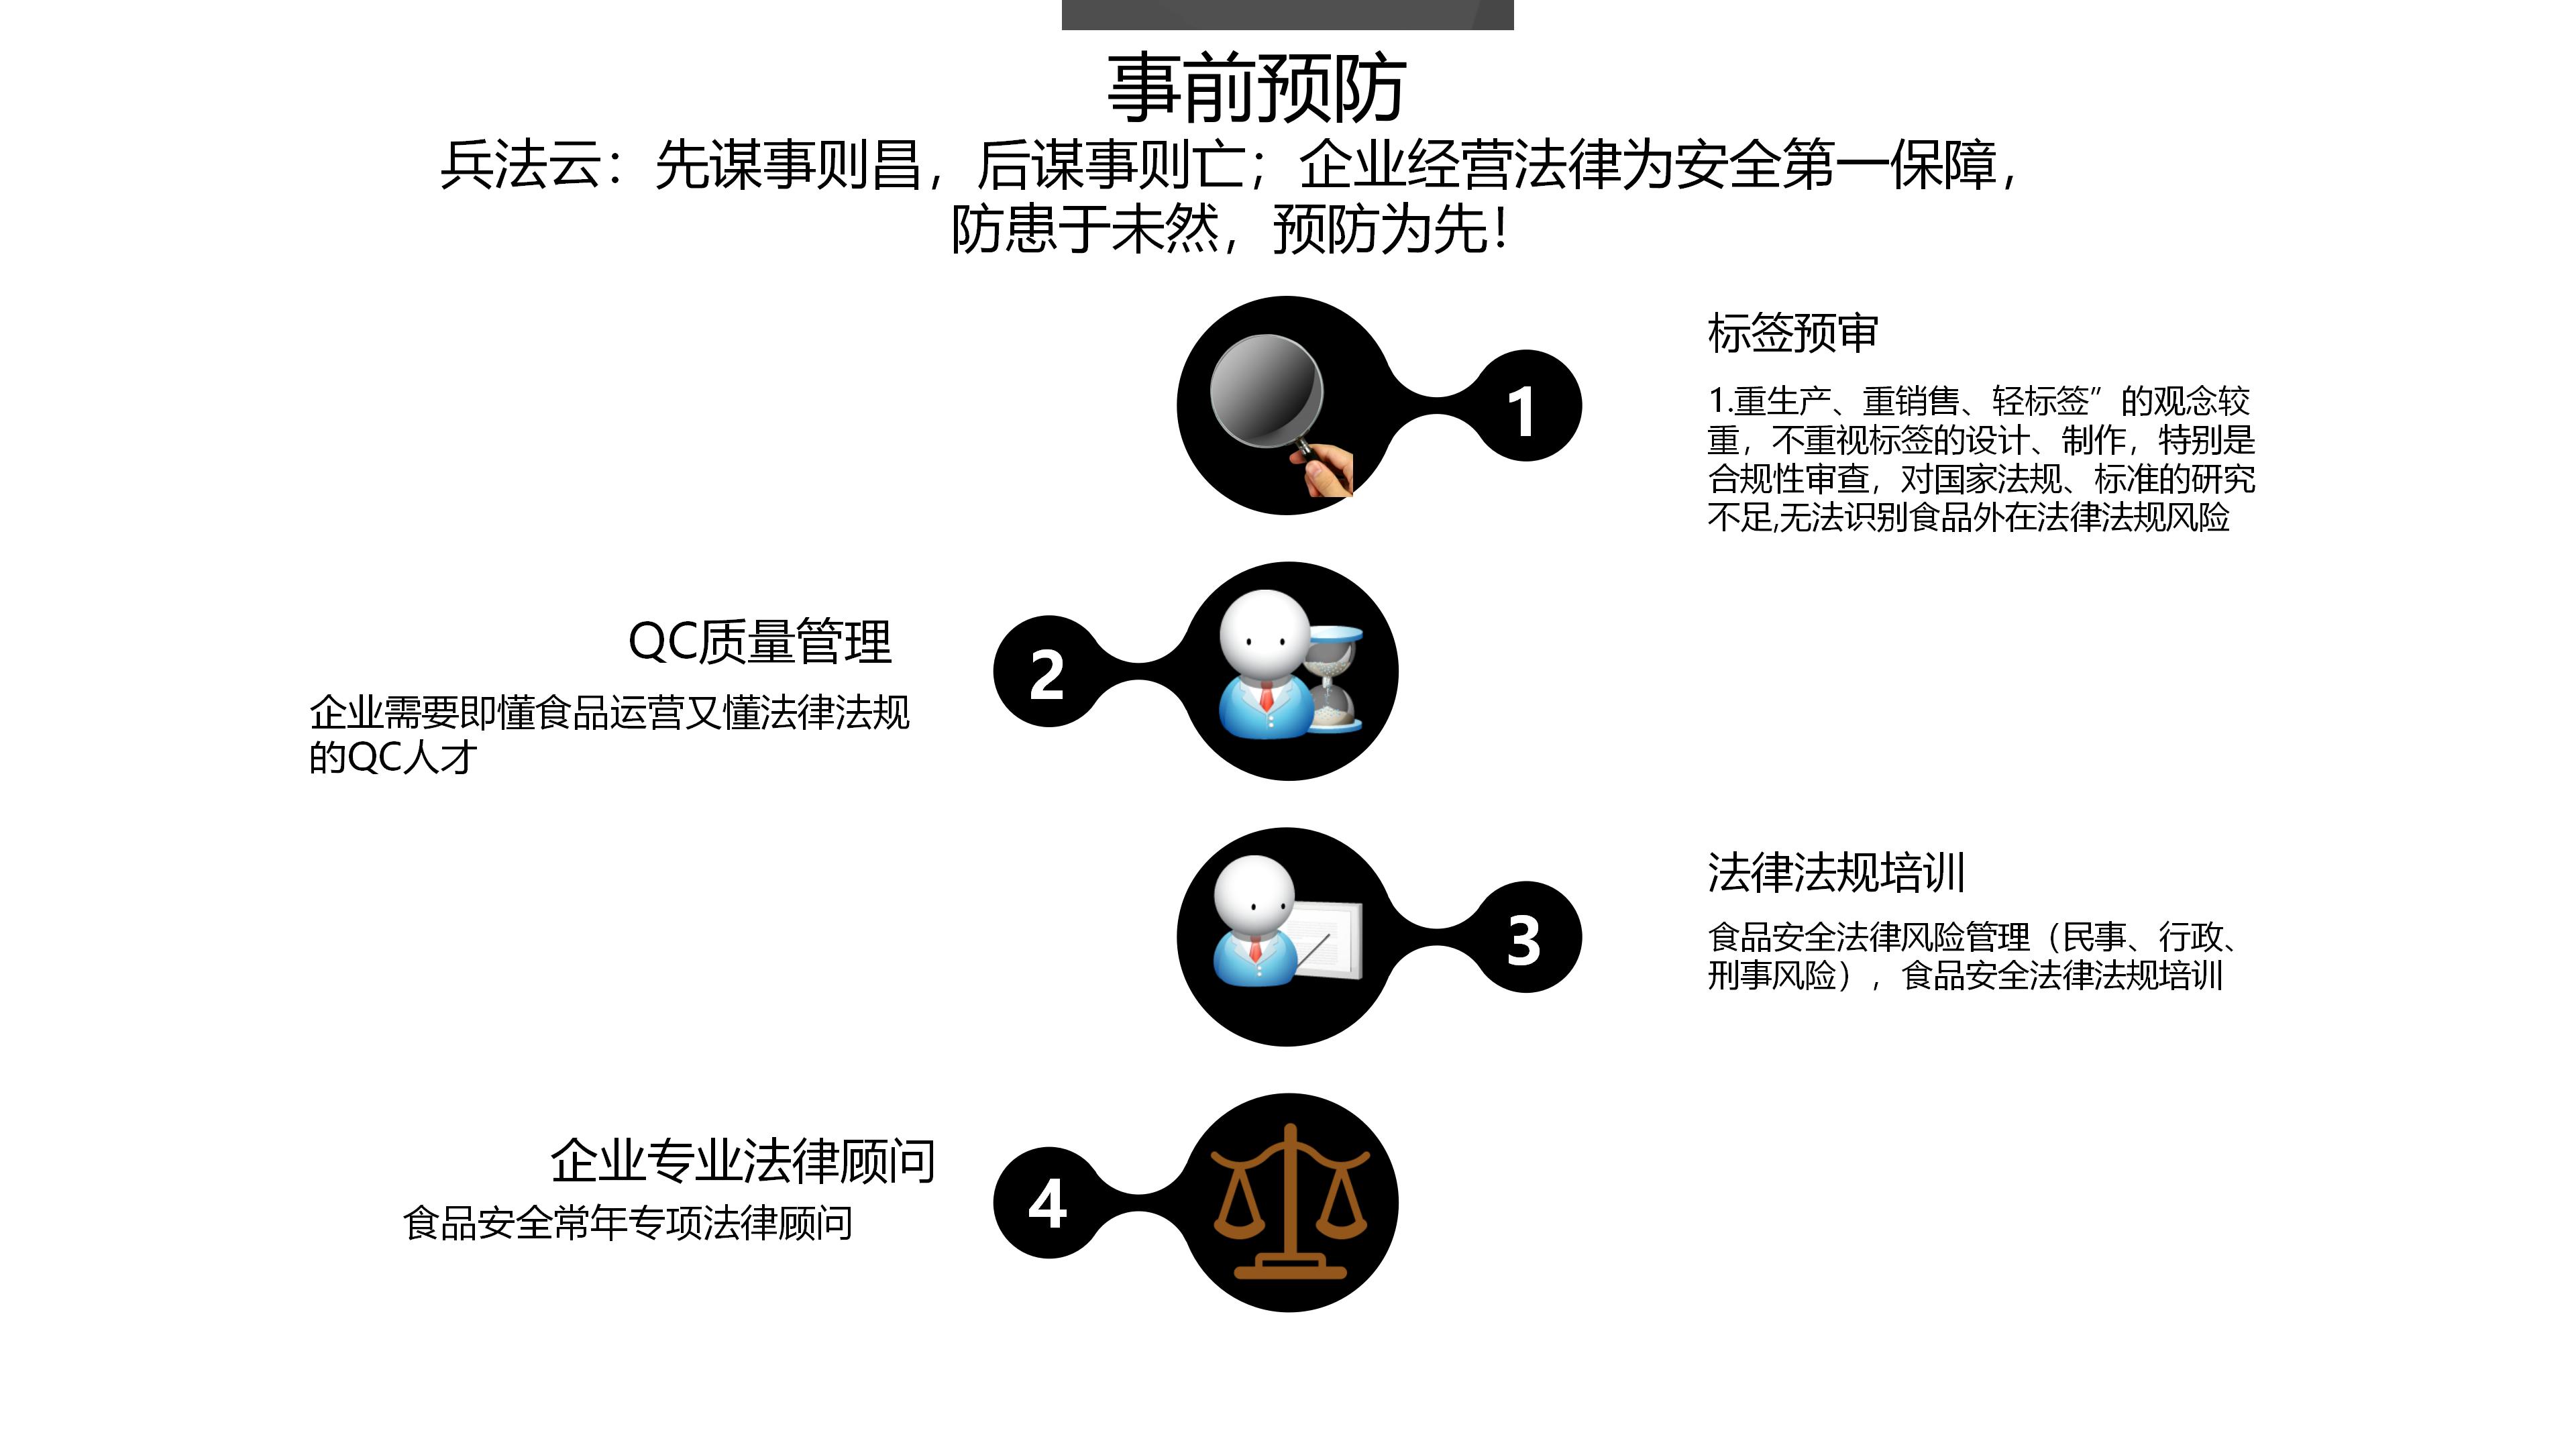 刘律师报告天津艾格_46.png